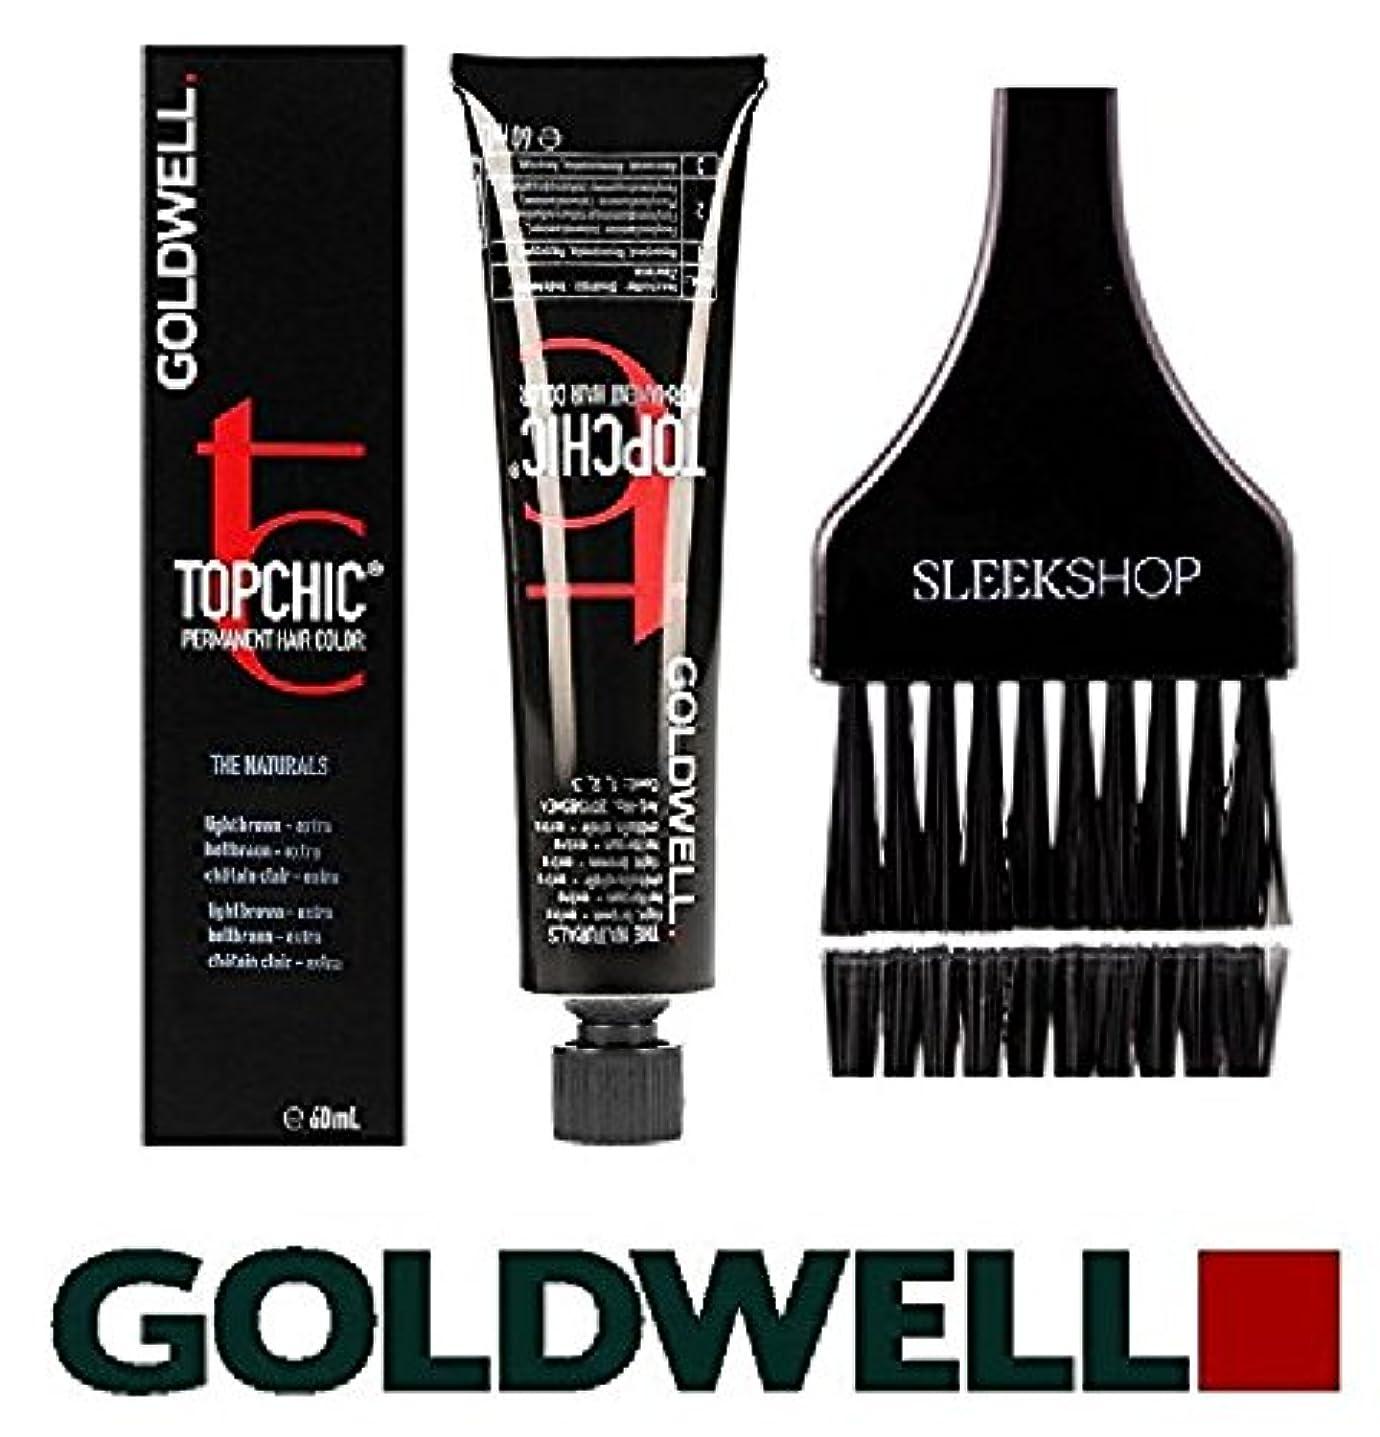 シード乱闘上院議員Topchic by Goldwell Goldwell Topchicパーマネントヘアカラー、(なめらかな色合いのカラーブラシで)2.1オンスチューブ 8nn明るい金髪extra